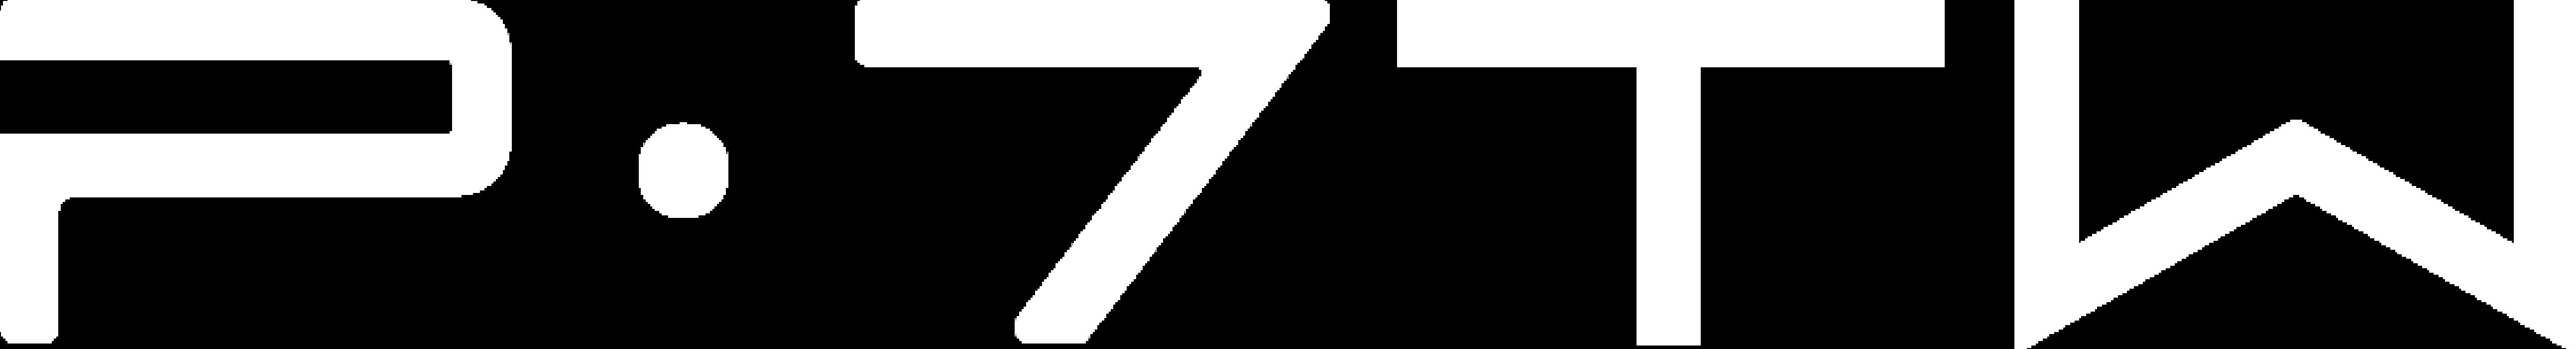 P 7 TW Logo 01